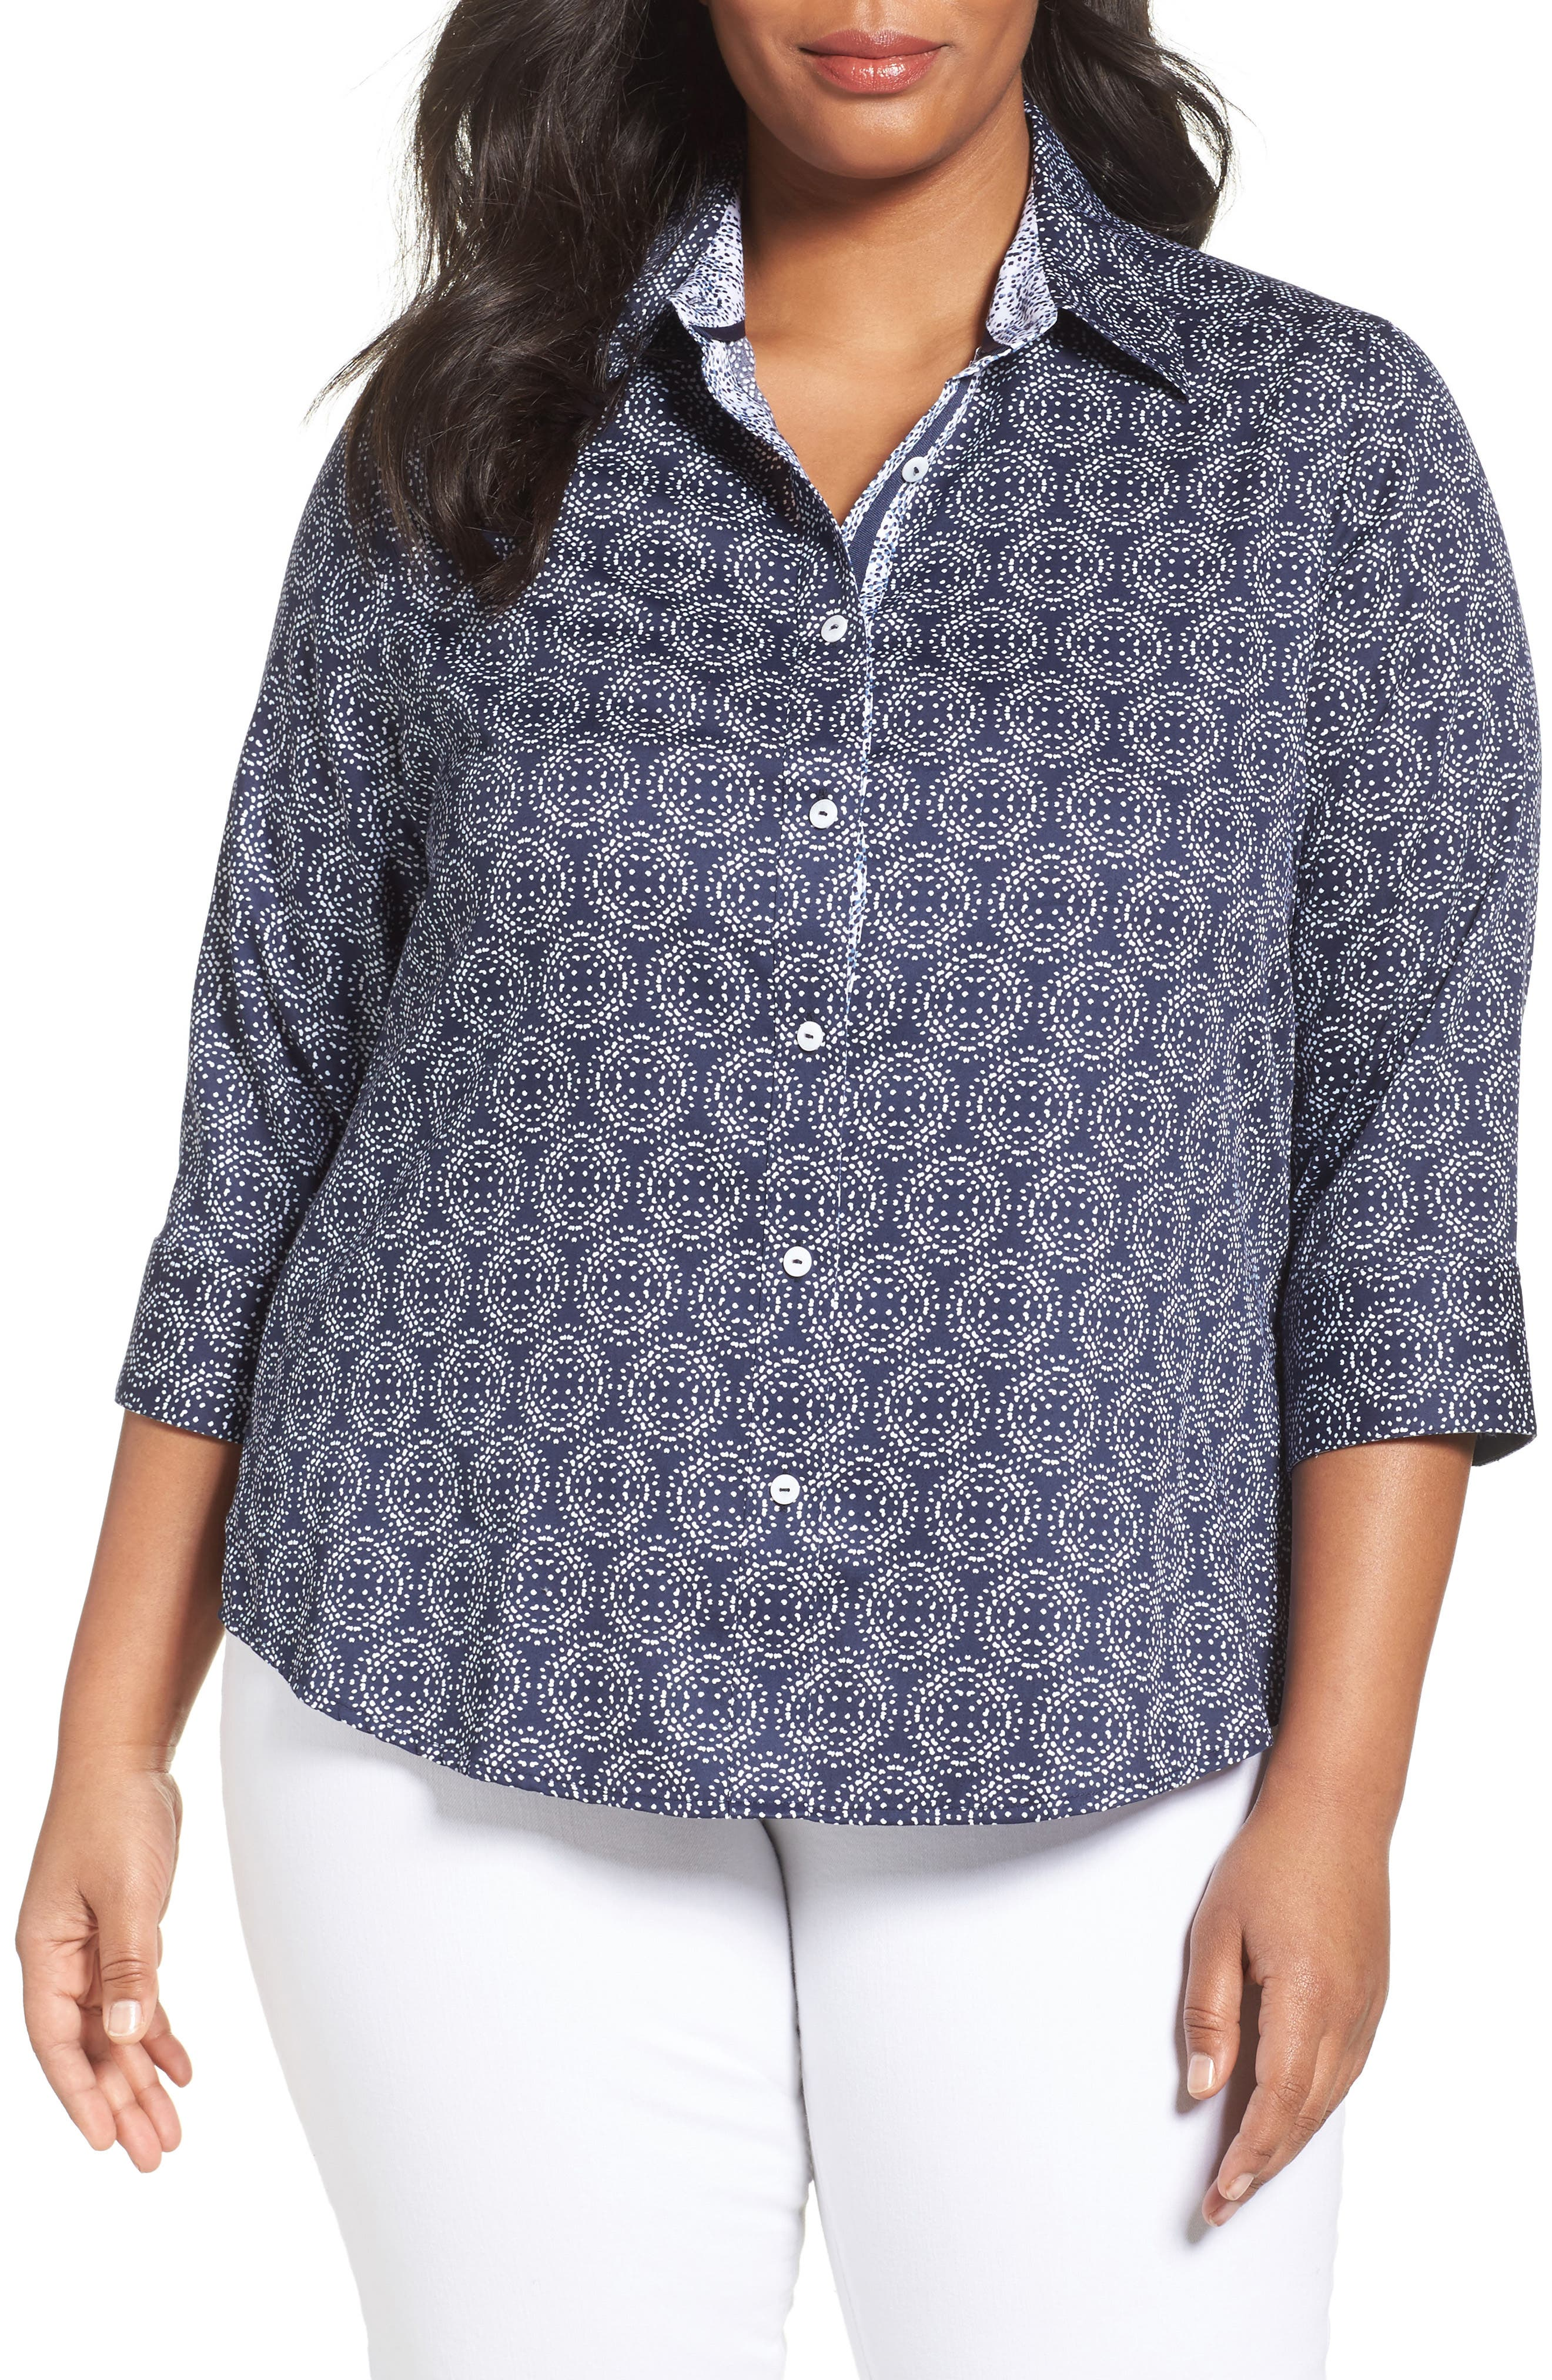 Foxcroft Ava Non-Iron Print Cotton Shirt (Plus Size)